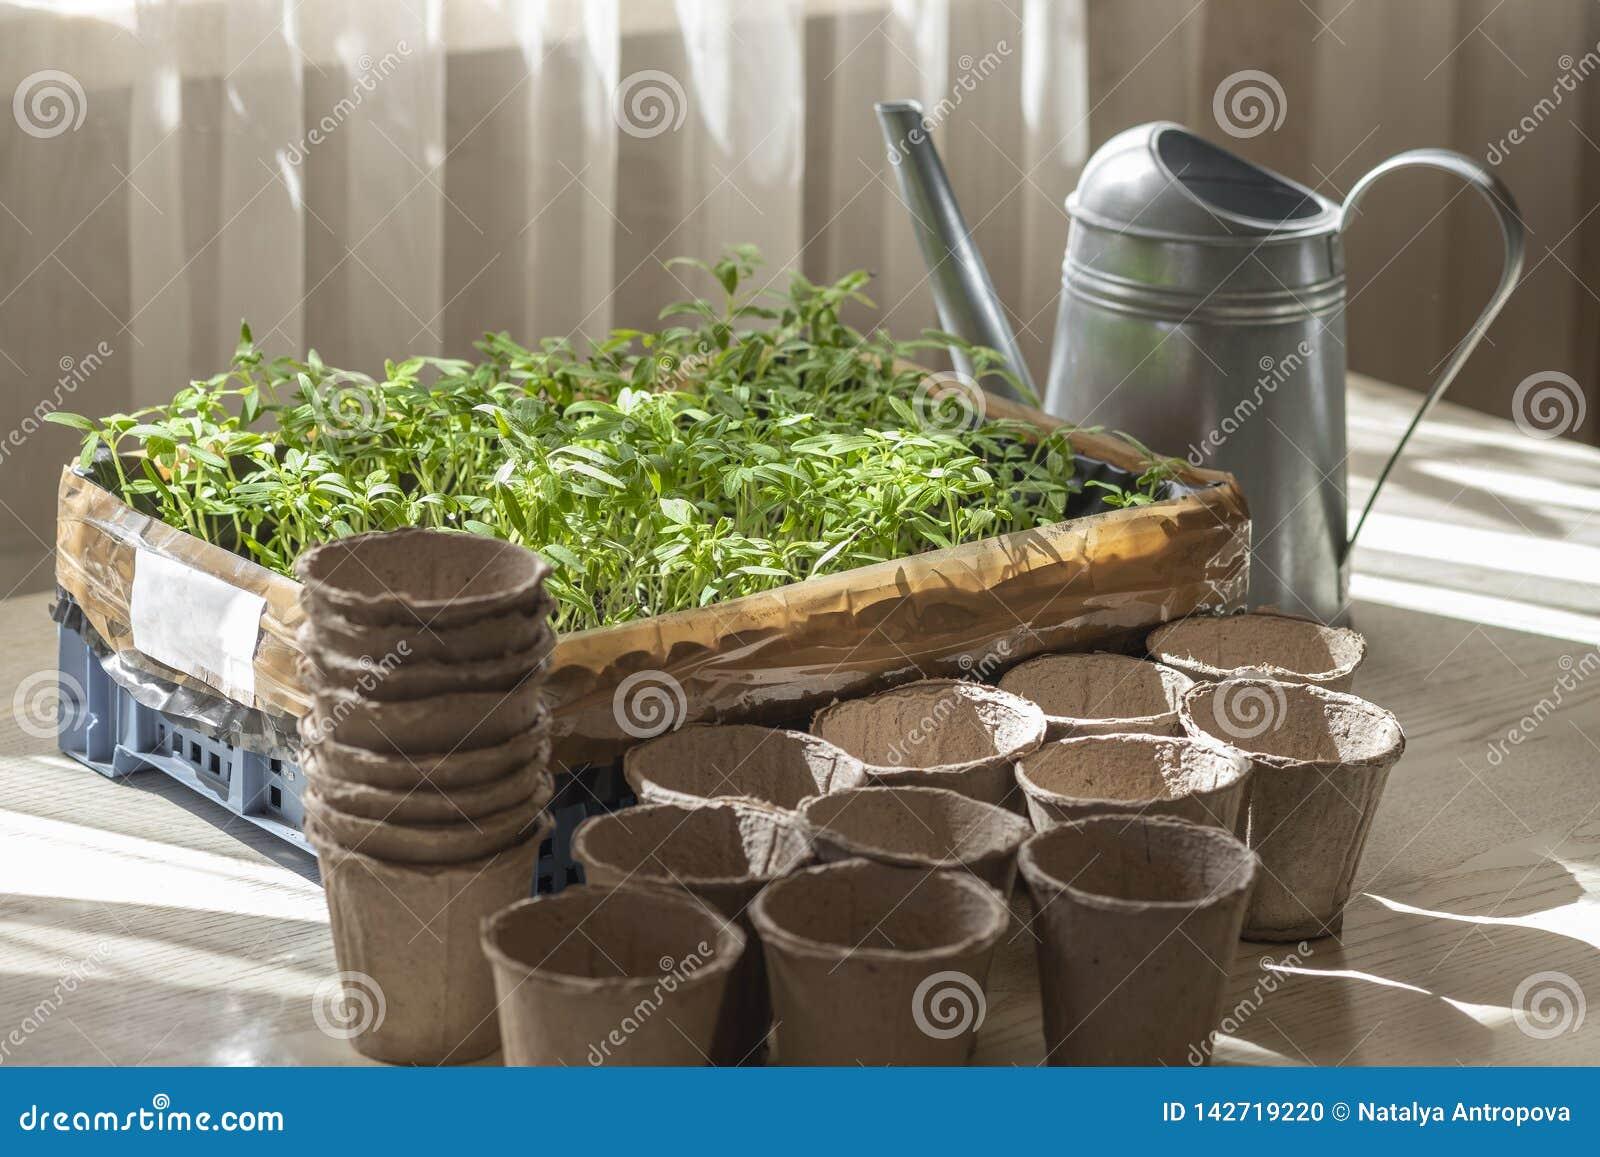 Förberedelsen för att plantera tomatplantor, en ask med plantor, en torvkopp och bevattna kan